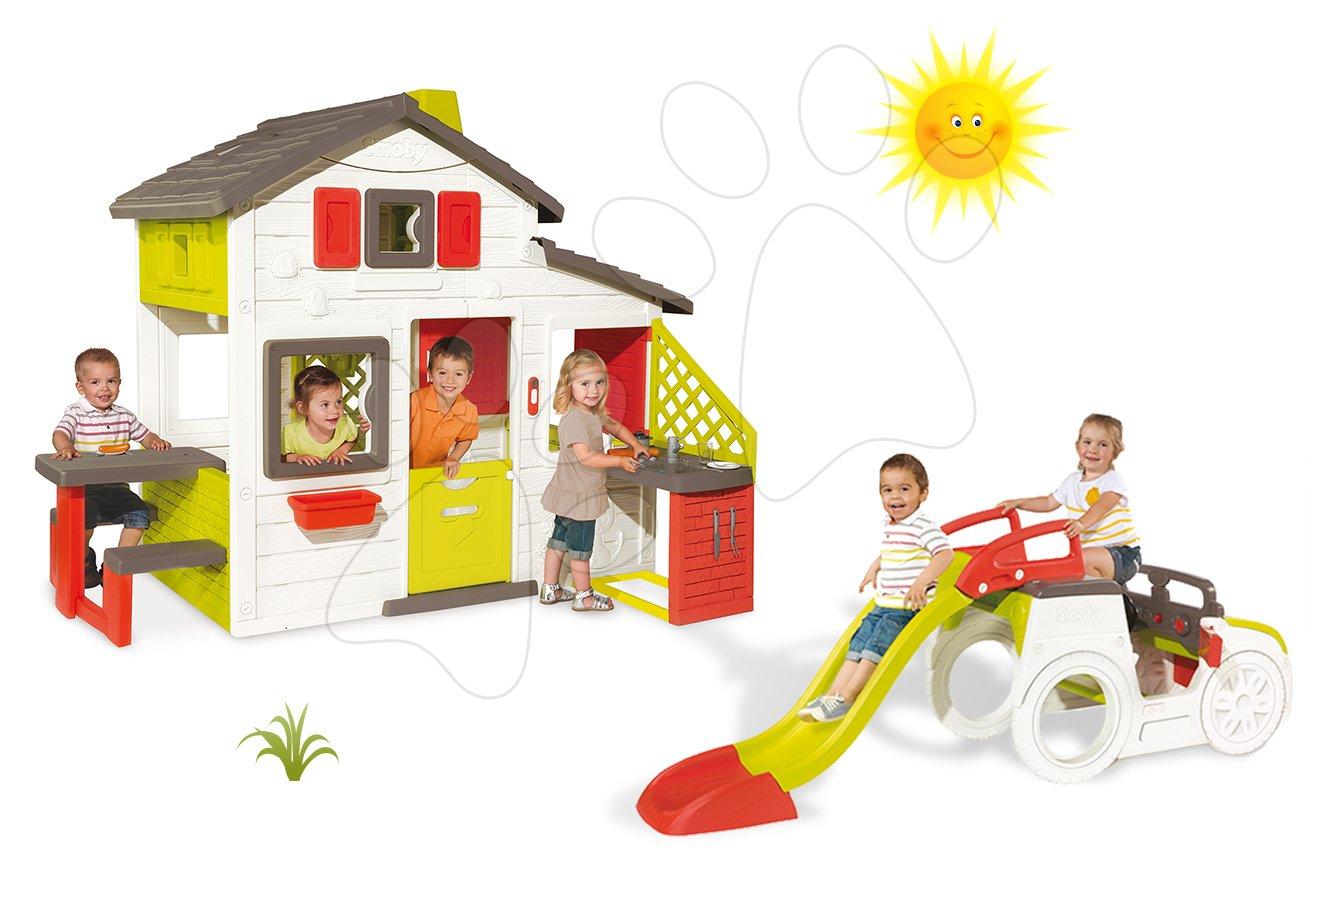 Set domeček Přátel Smoby s kuchyňkou a zvonkem a prolézačka Auto se skluzavkou dlouhou 150 cm